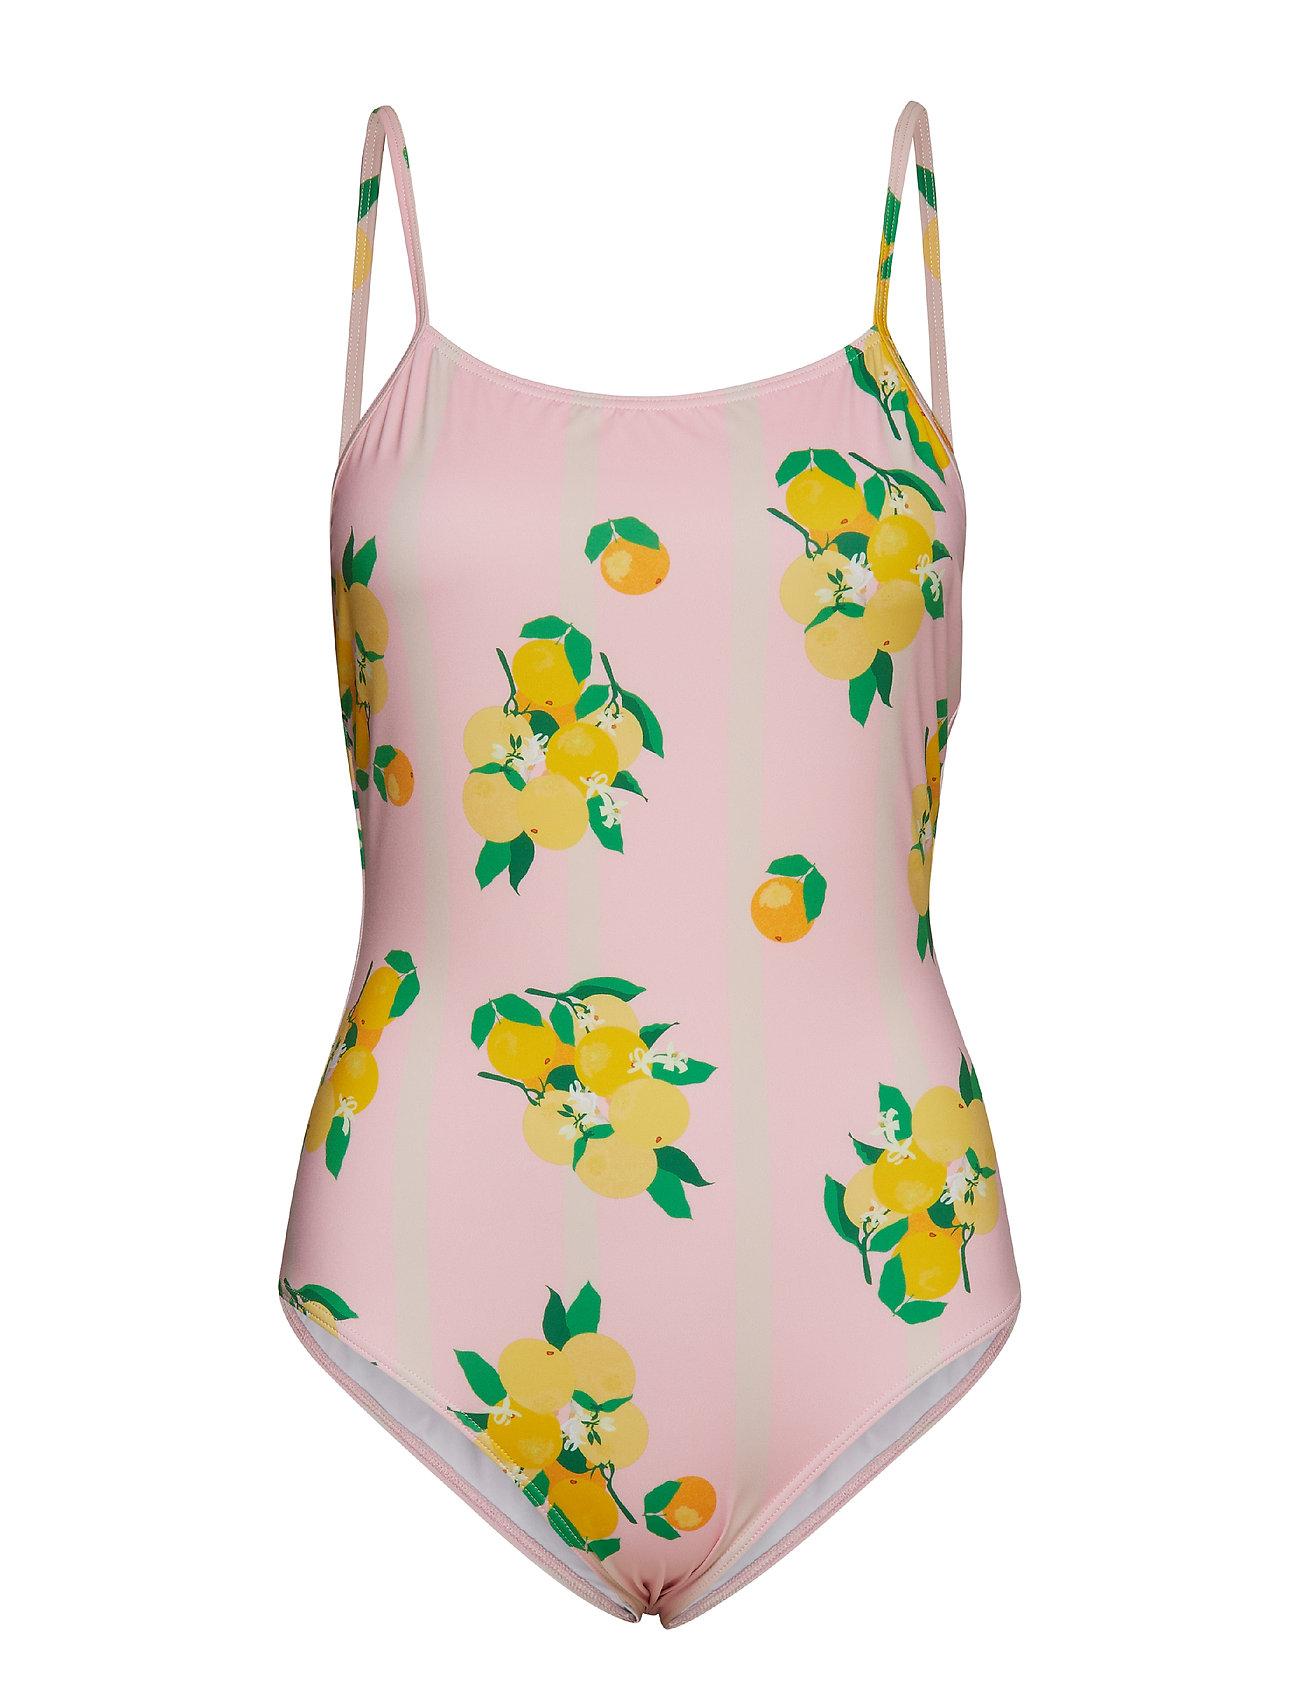 1979 Swimsuitmellow Giselle Swimsuitmellow 1979 Giselle RoseLovechild RoseLovechild QCrdshtxB